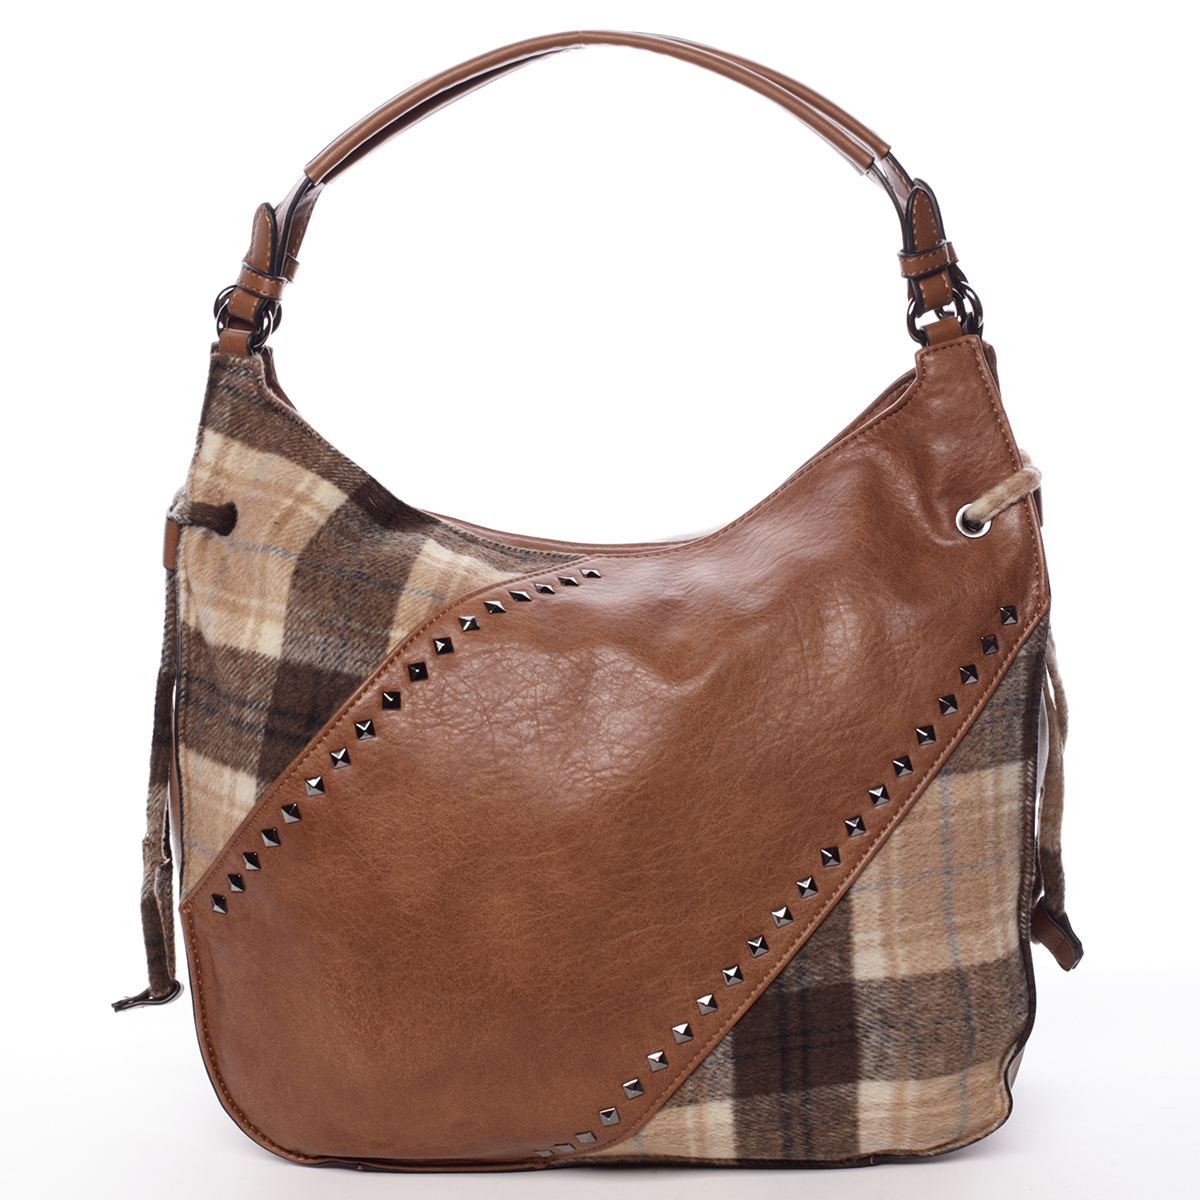 Moderní dámská kabelka hnědá - MARIA C Sarai